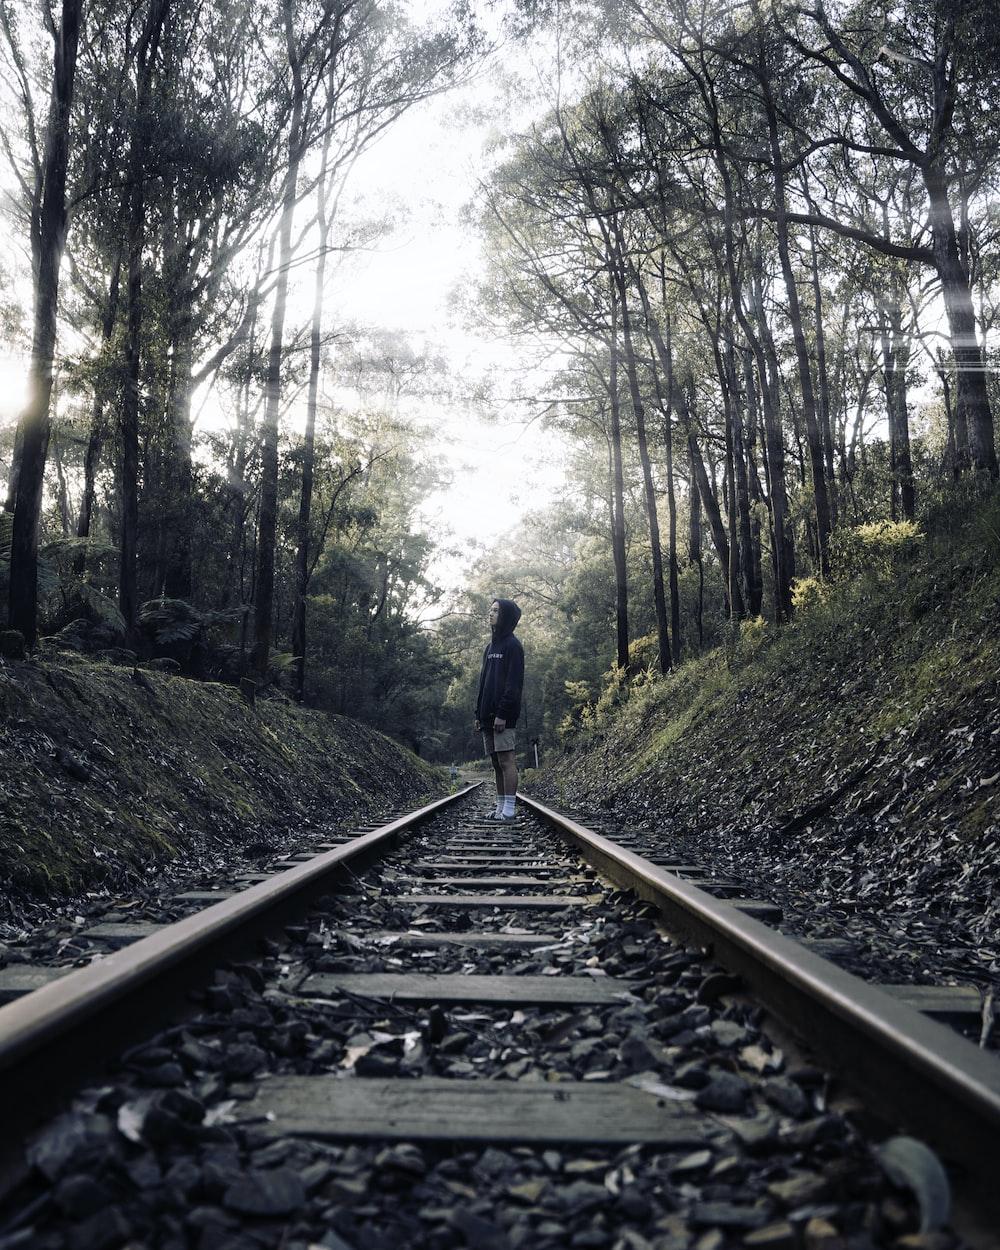 man in blue jacket walking on train rail during daytime